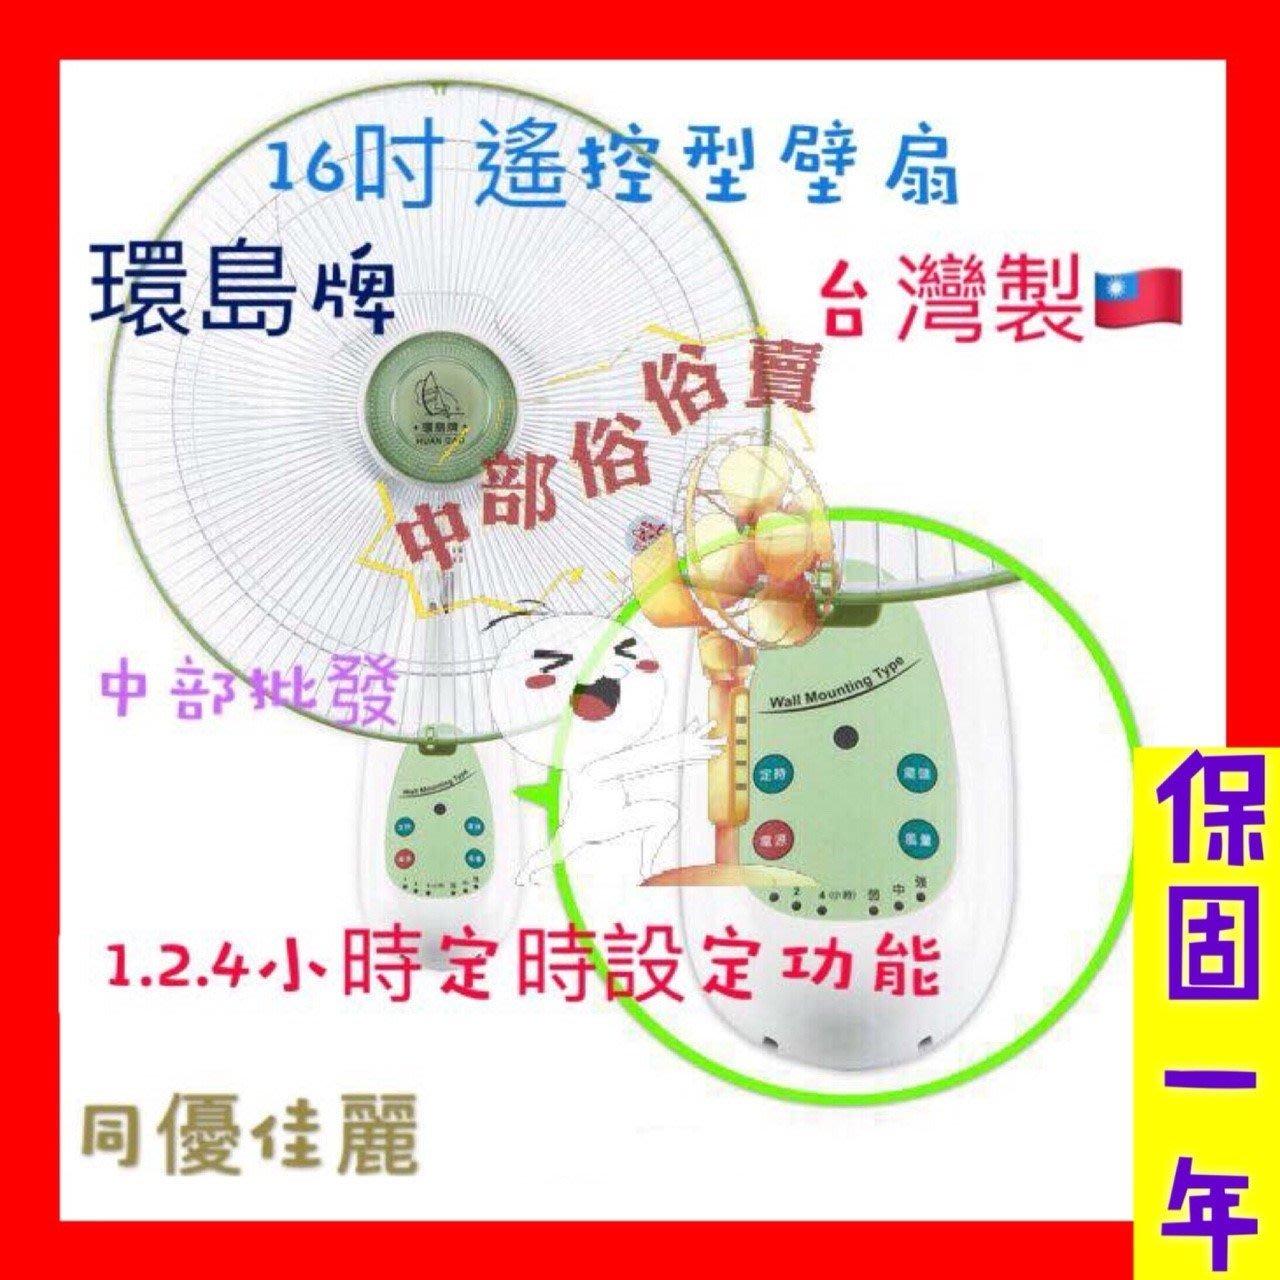 『電扇批發』環島牌 HD-160R 16吋 遙控式壁扇 掛壁扇 遙控太空扇 壁式通風扇 電風扇 壁掛扇 (台灣製造)